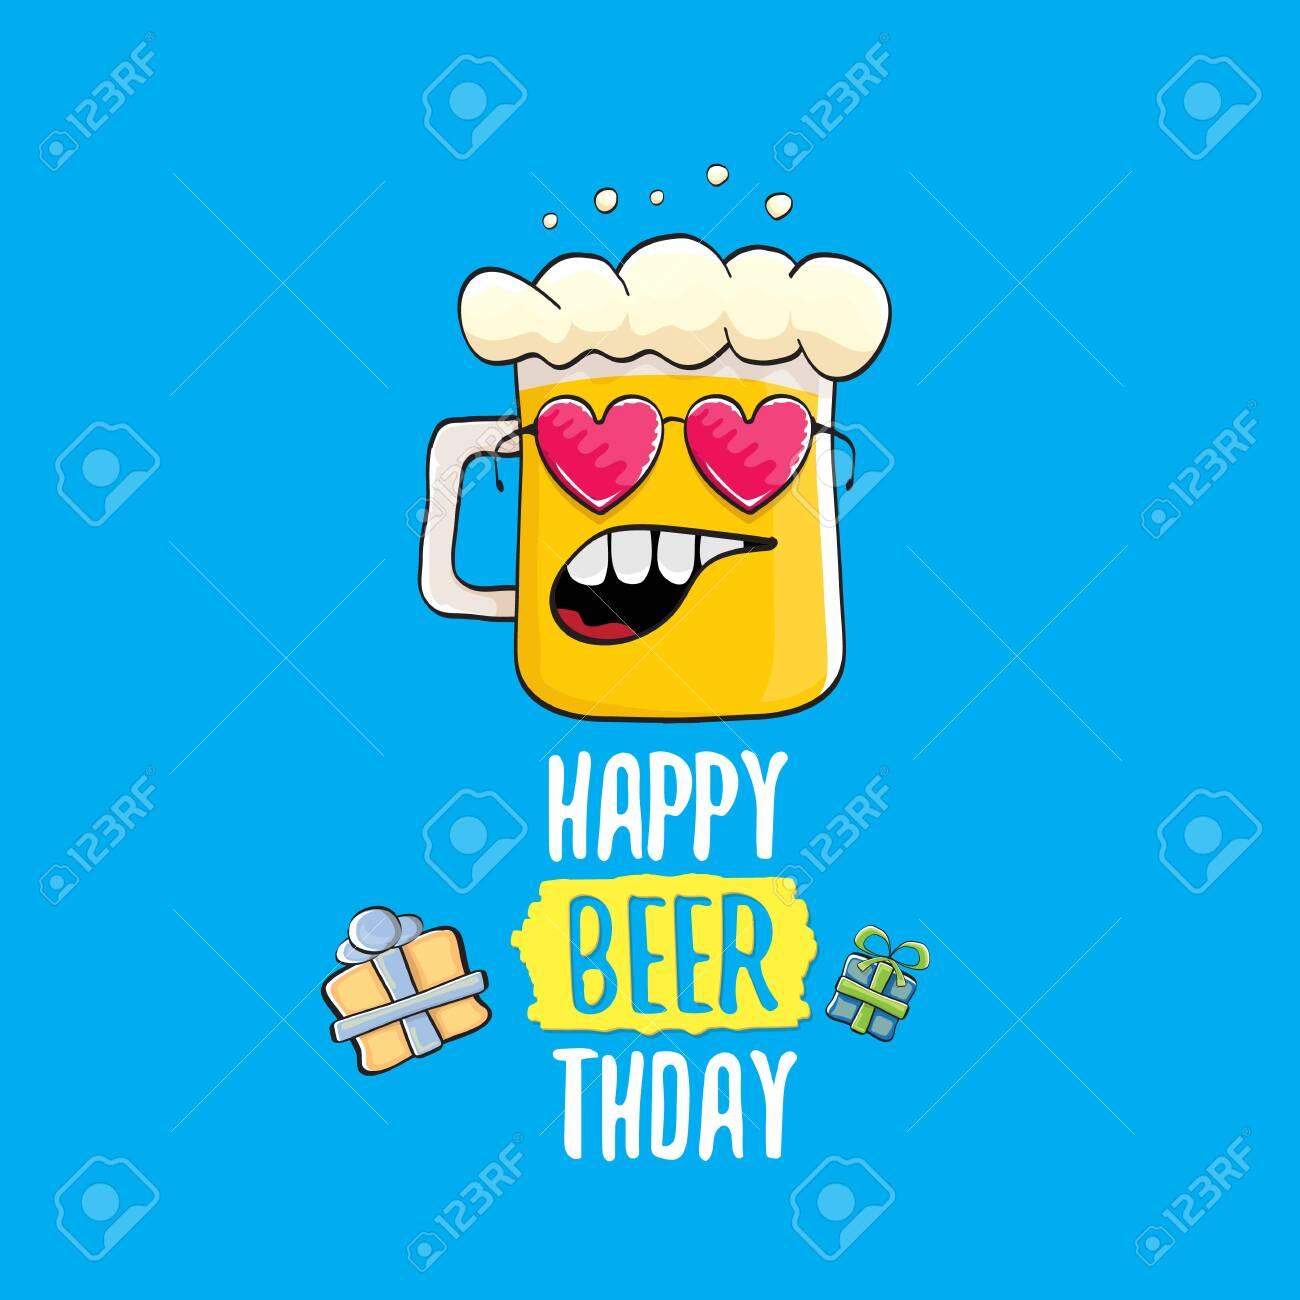 124503497-happy-beerthday-vector-greetin